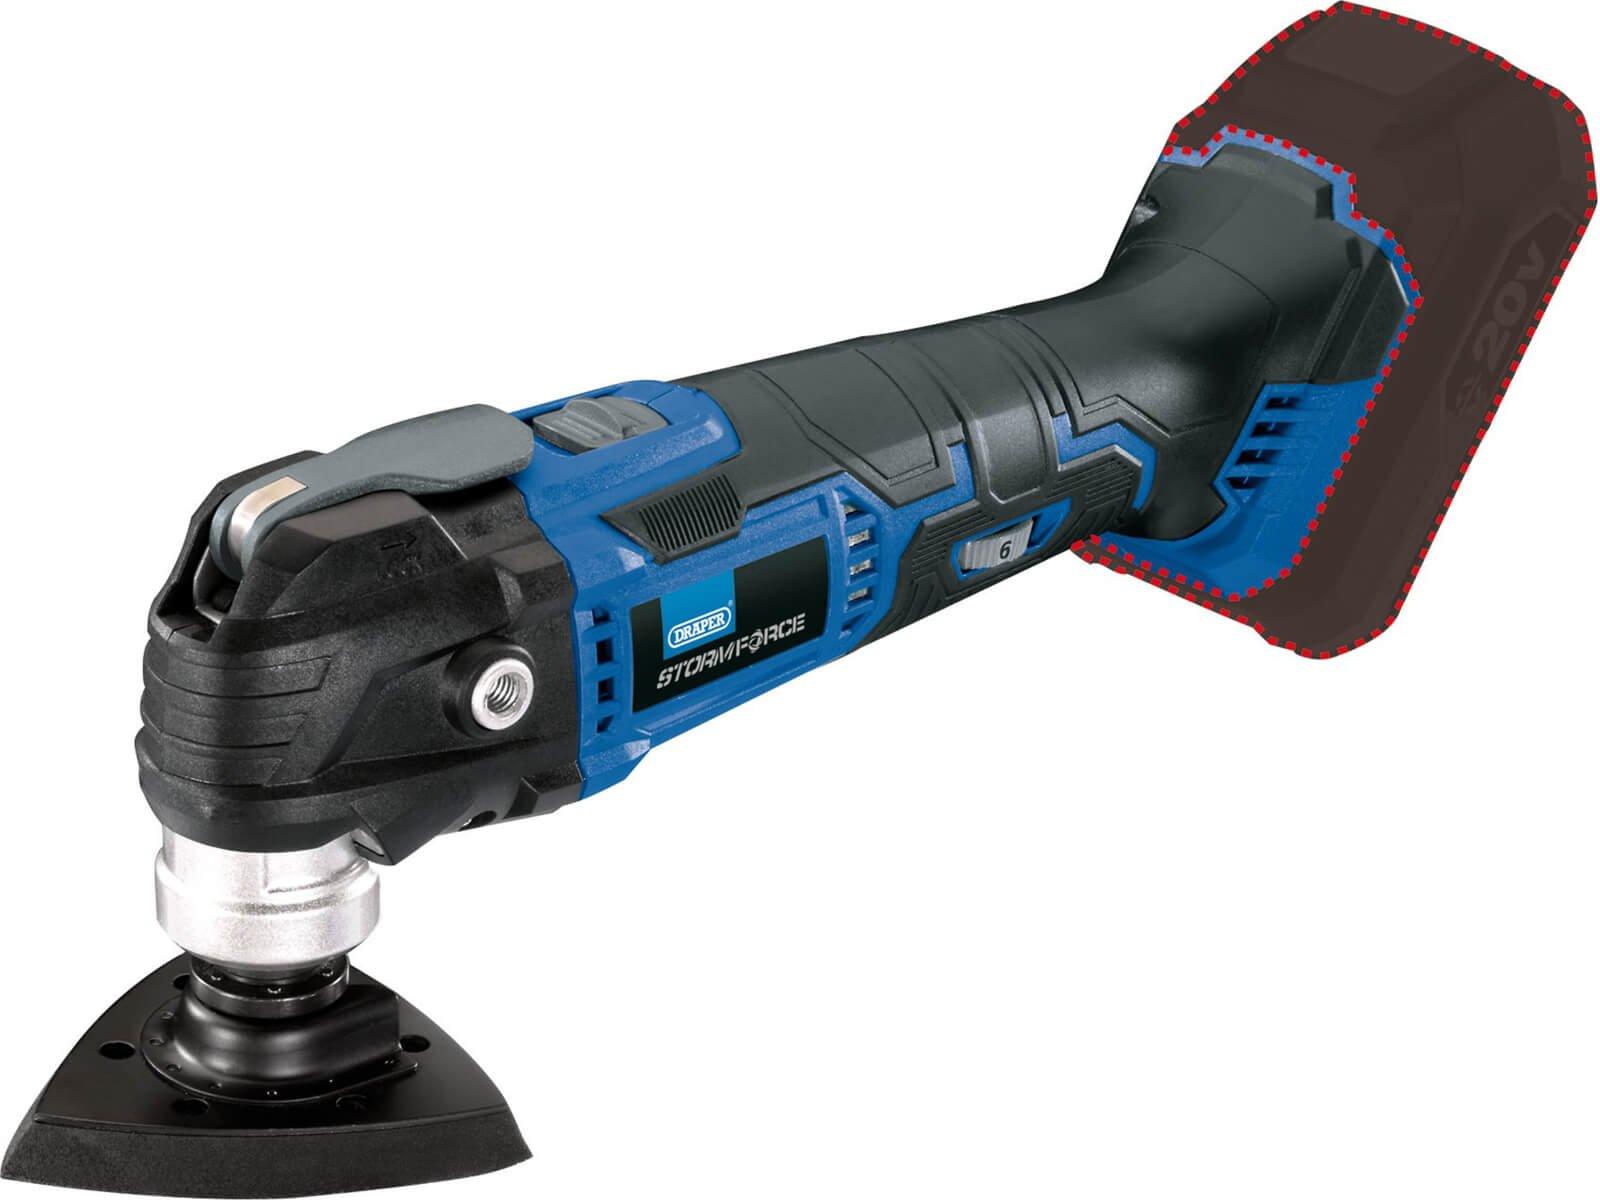 Draper COMT20SF Storm Force 20V Oscillating Multi Tool No Batteries No Charger No Case